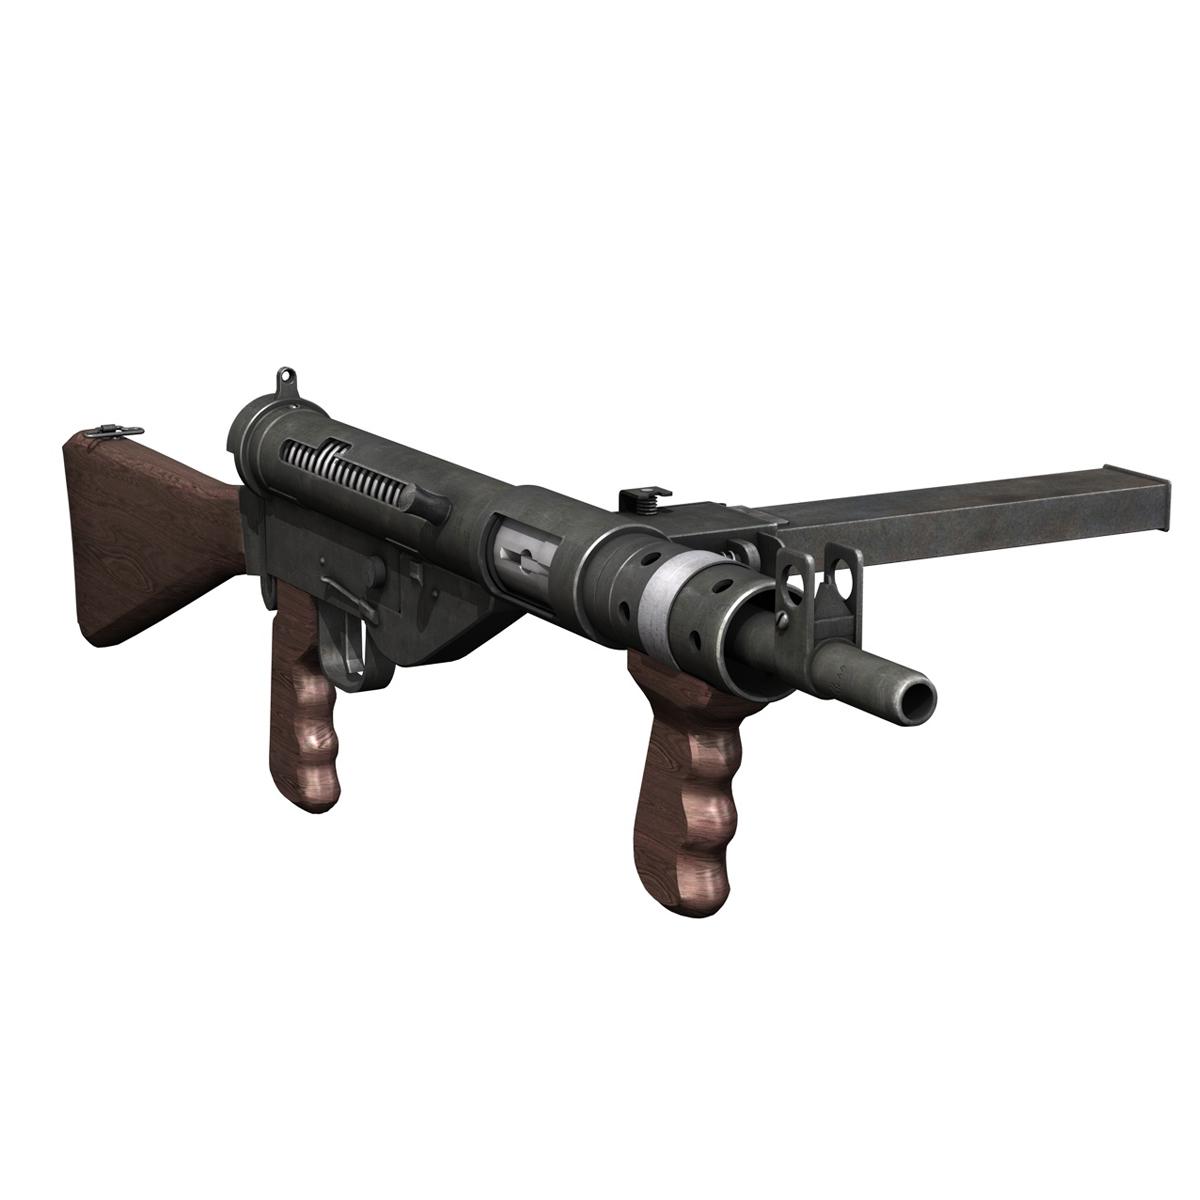 sten mk.v submachine gun 3d model 3ds fbx c4d lwo obj 195124